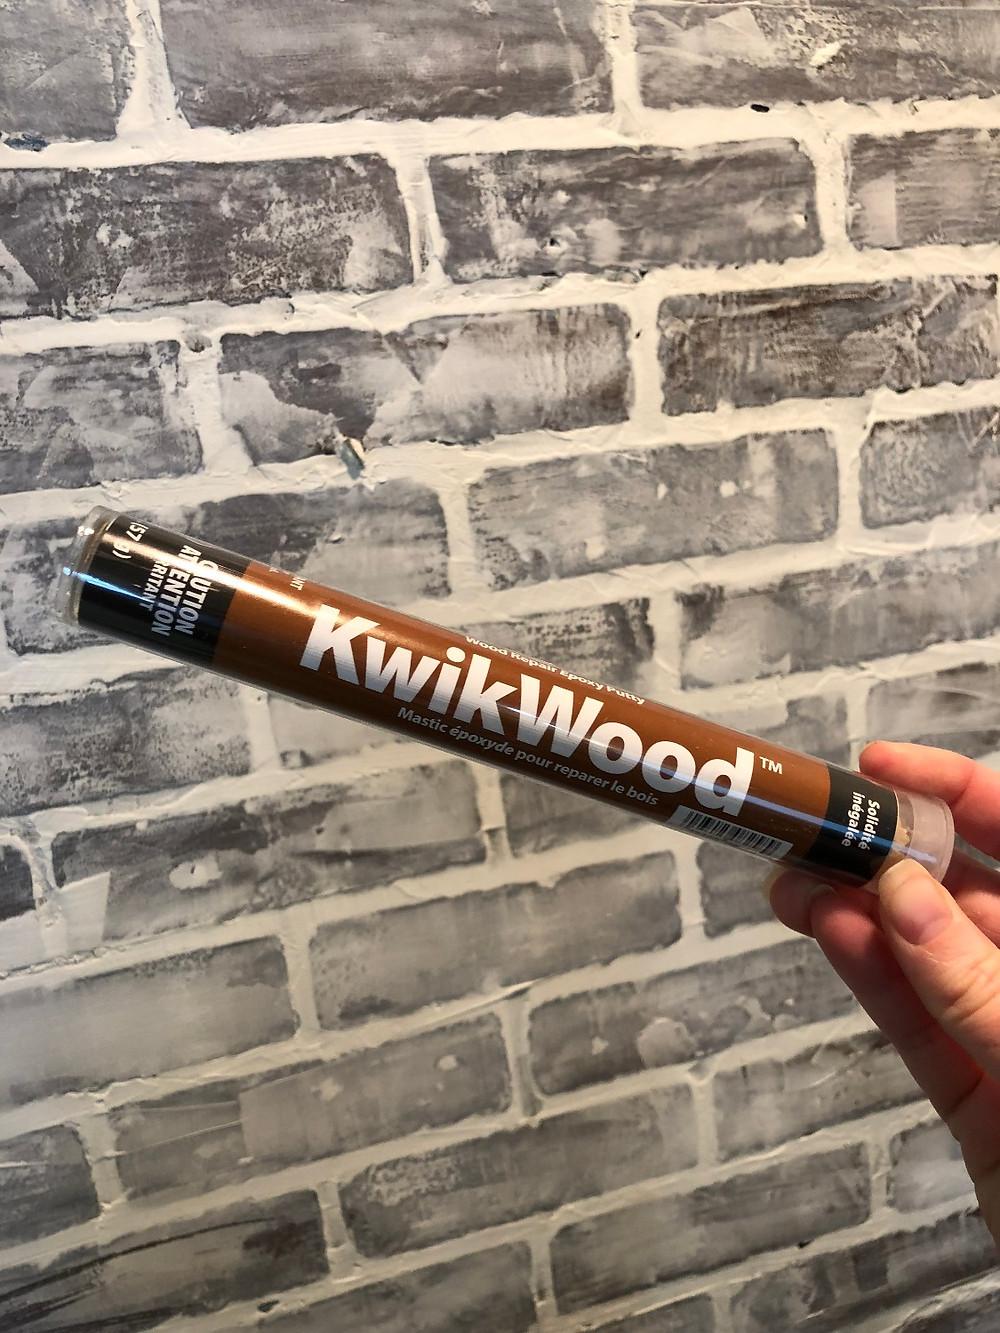 KwikWood